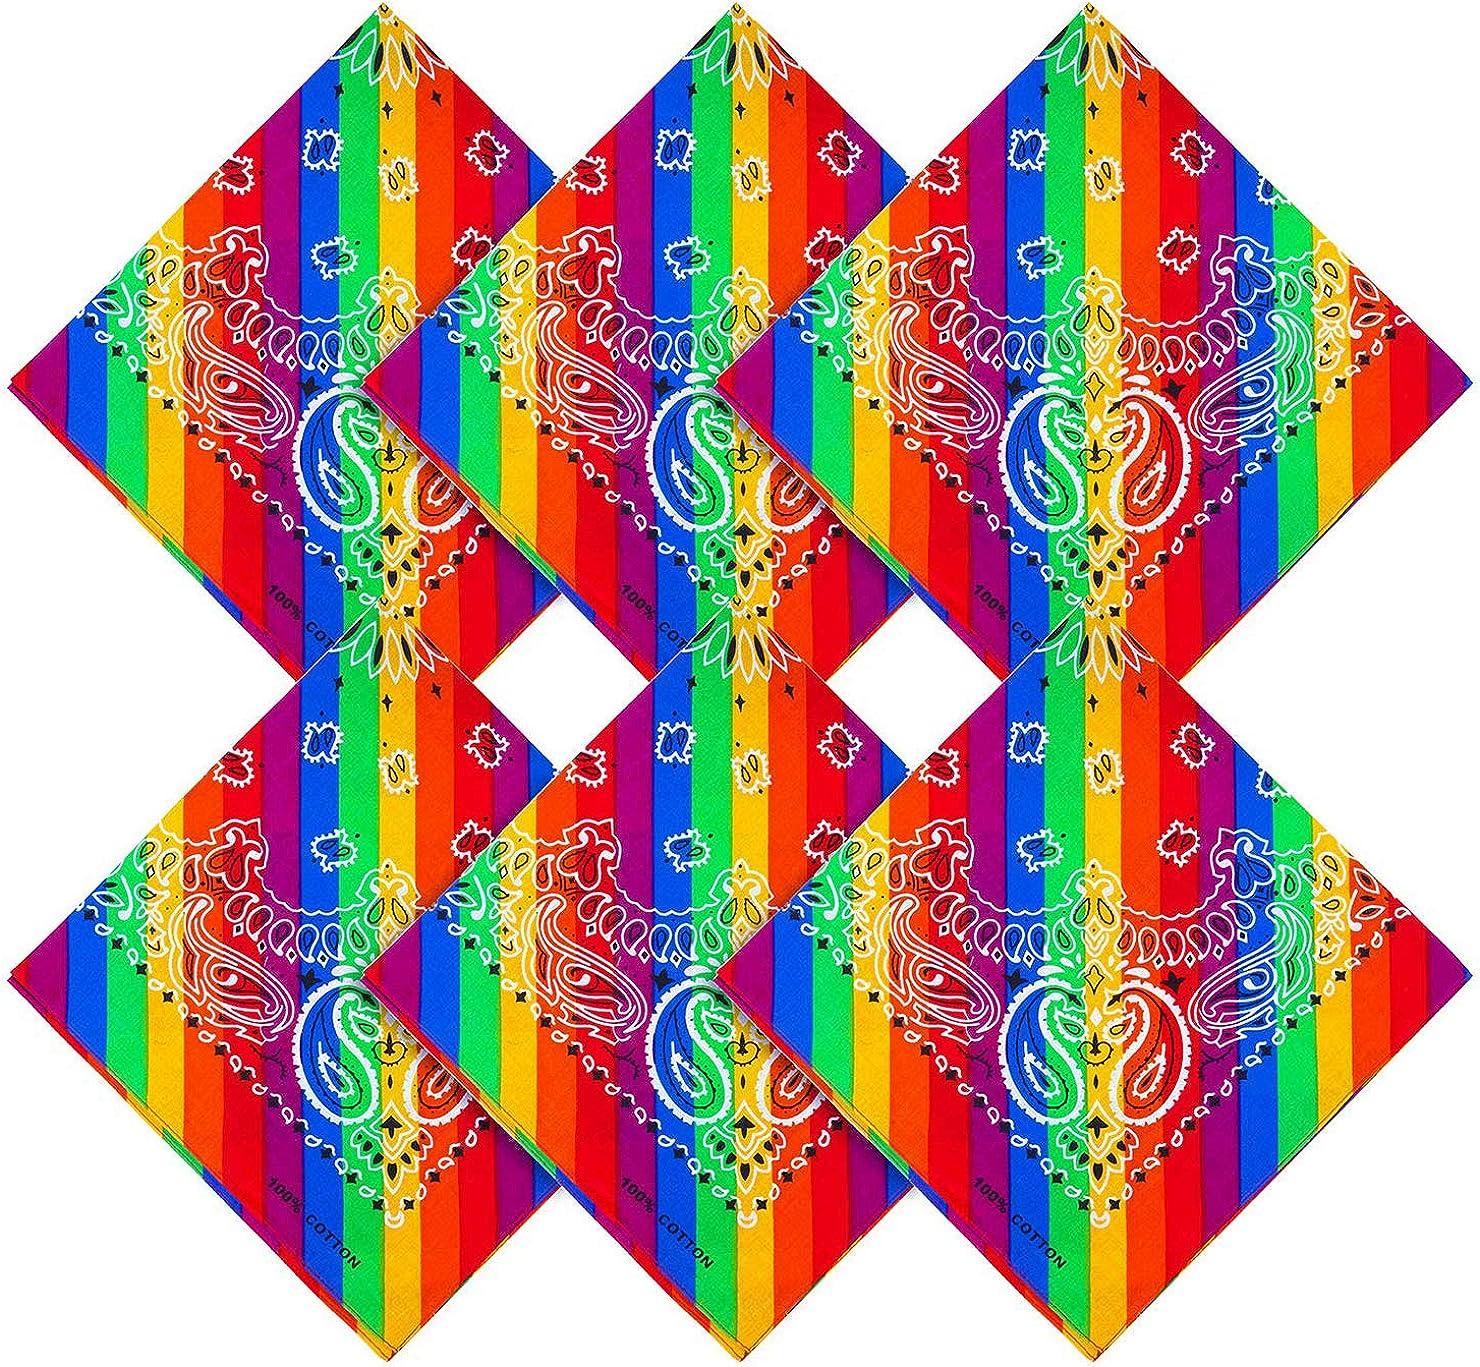 Bright rainbow headscarf unisex multi-colored cowboy headscarf daily wear or holiday